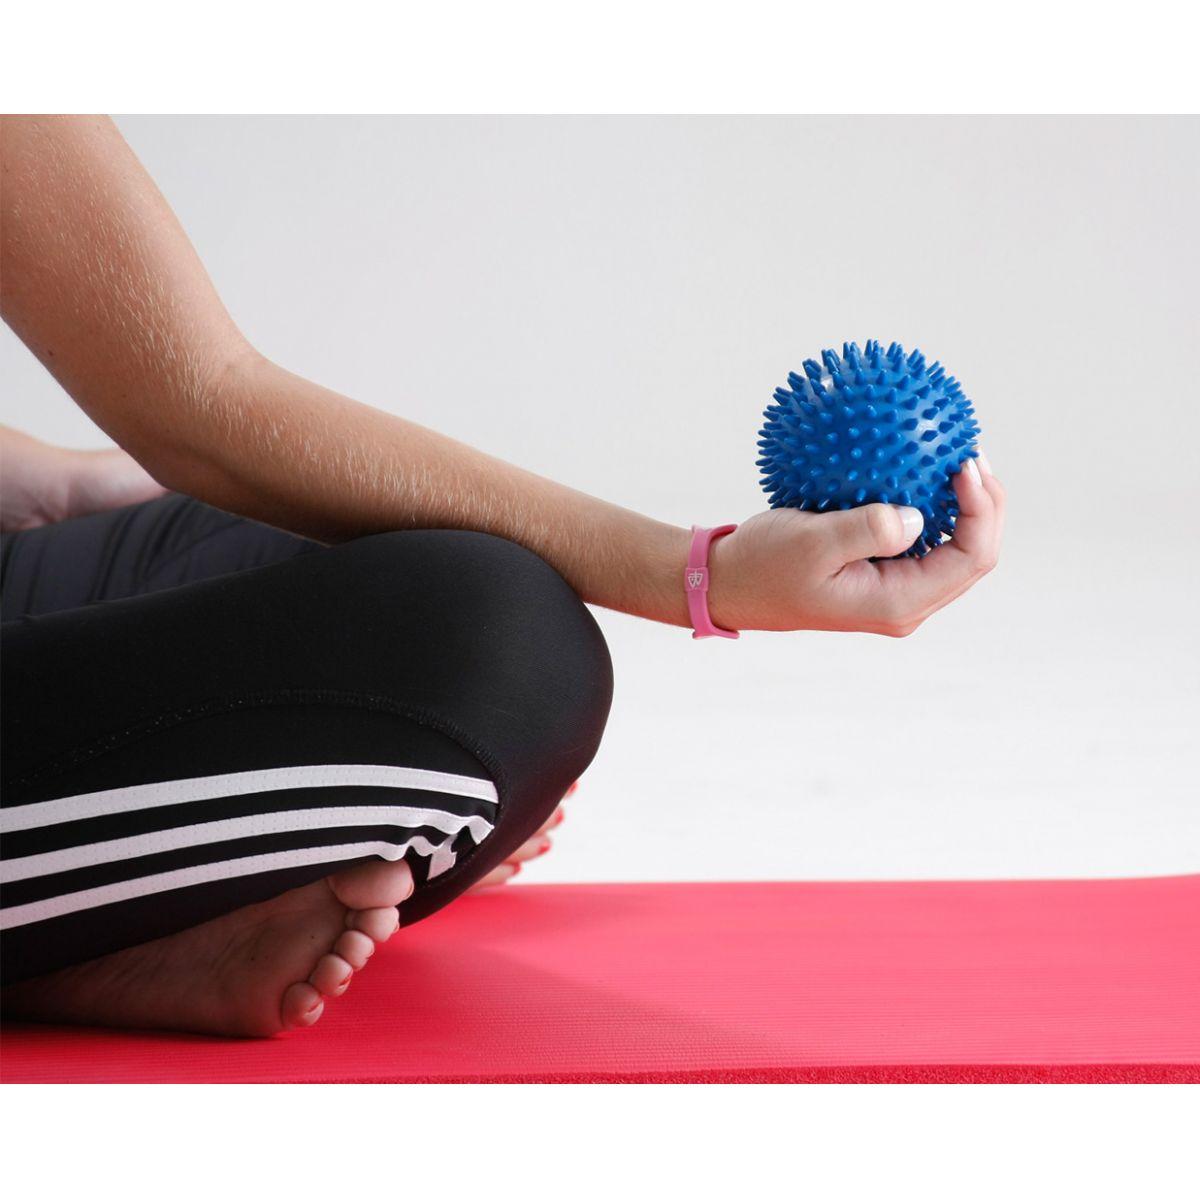 Bola para massagem Point Ball 08cm - macia com cravos - PBM.08